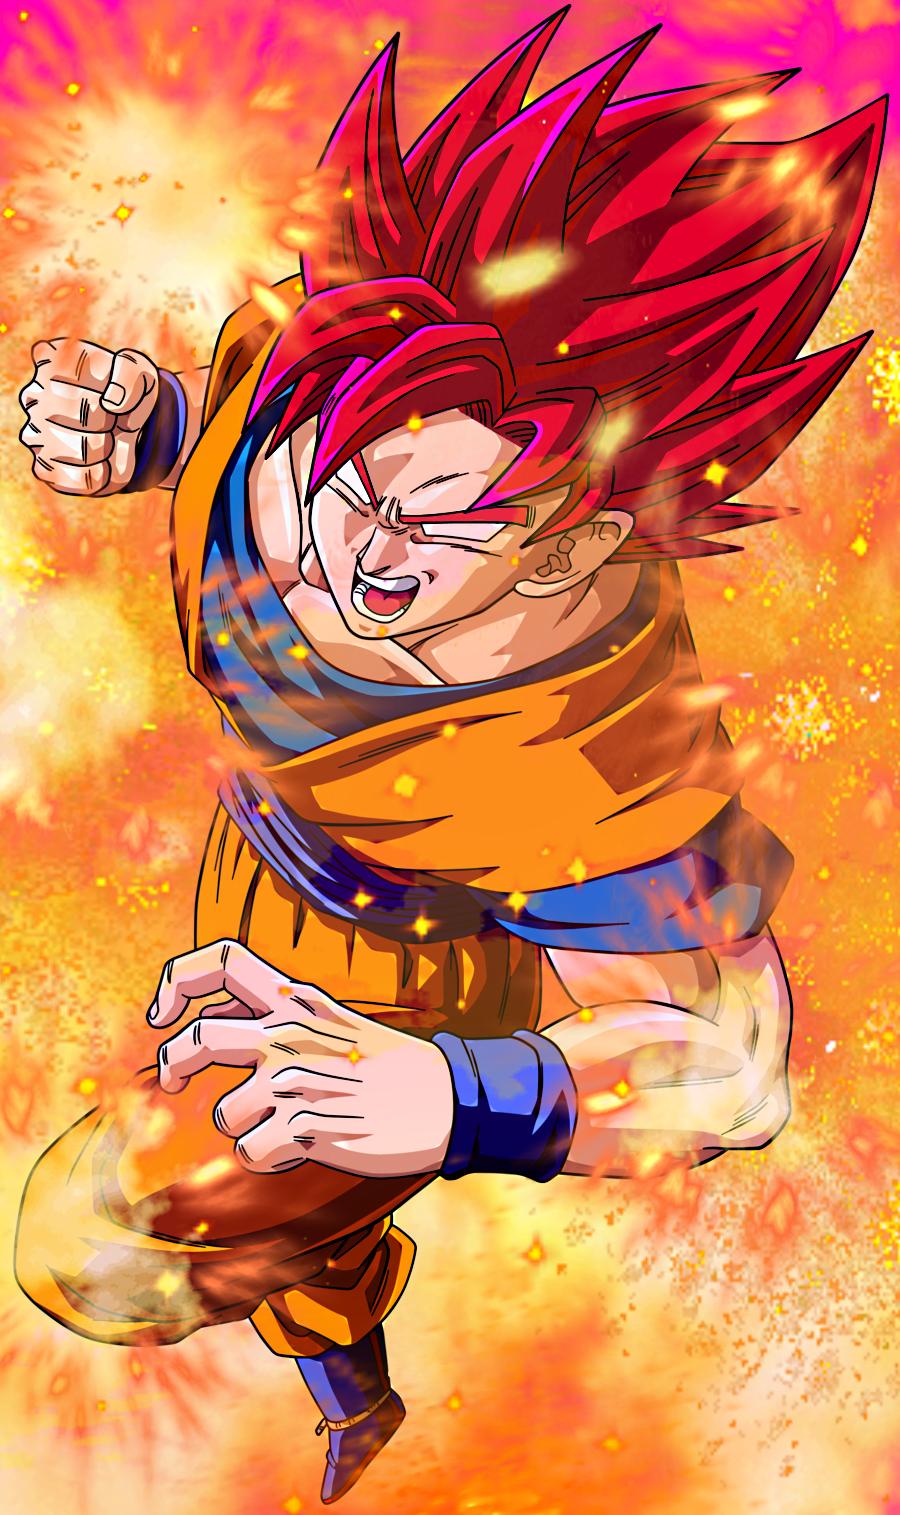 Super saiyan god 2 goku ssjg2 by elitesaiyanwarrior on - Sangoku super saiyan god ...